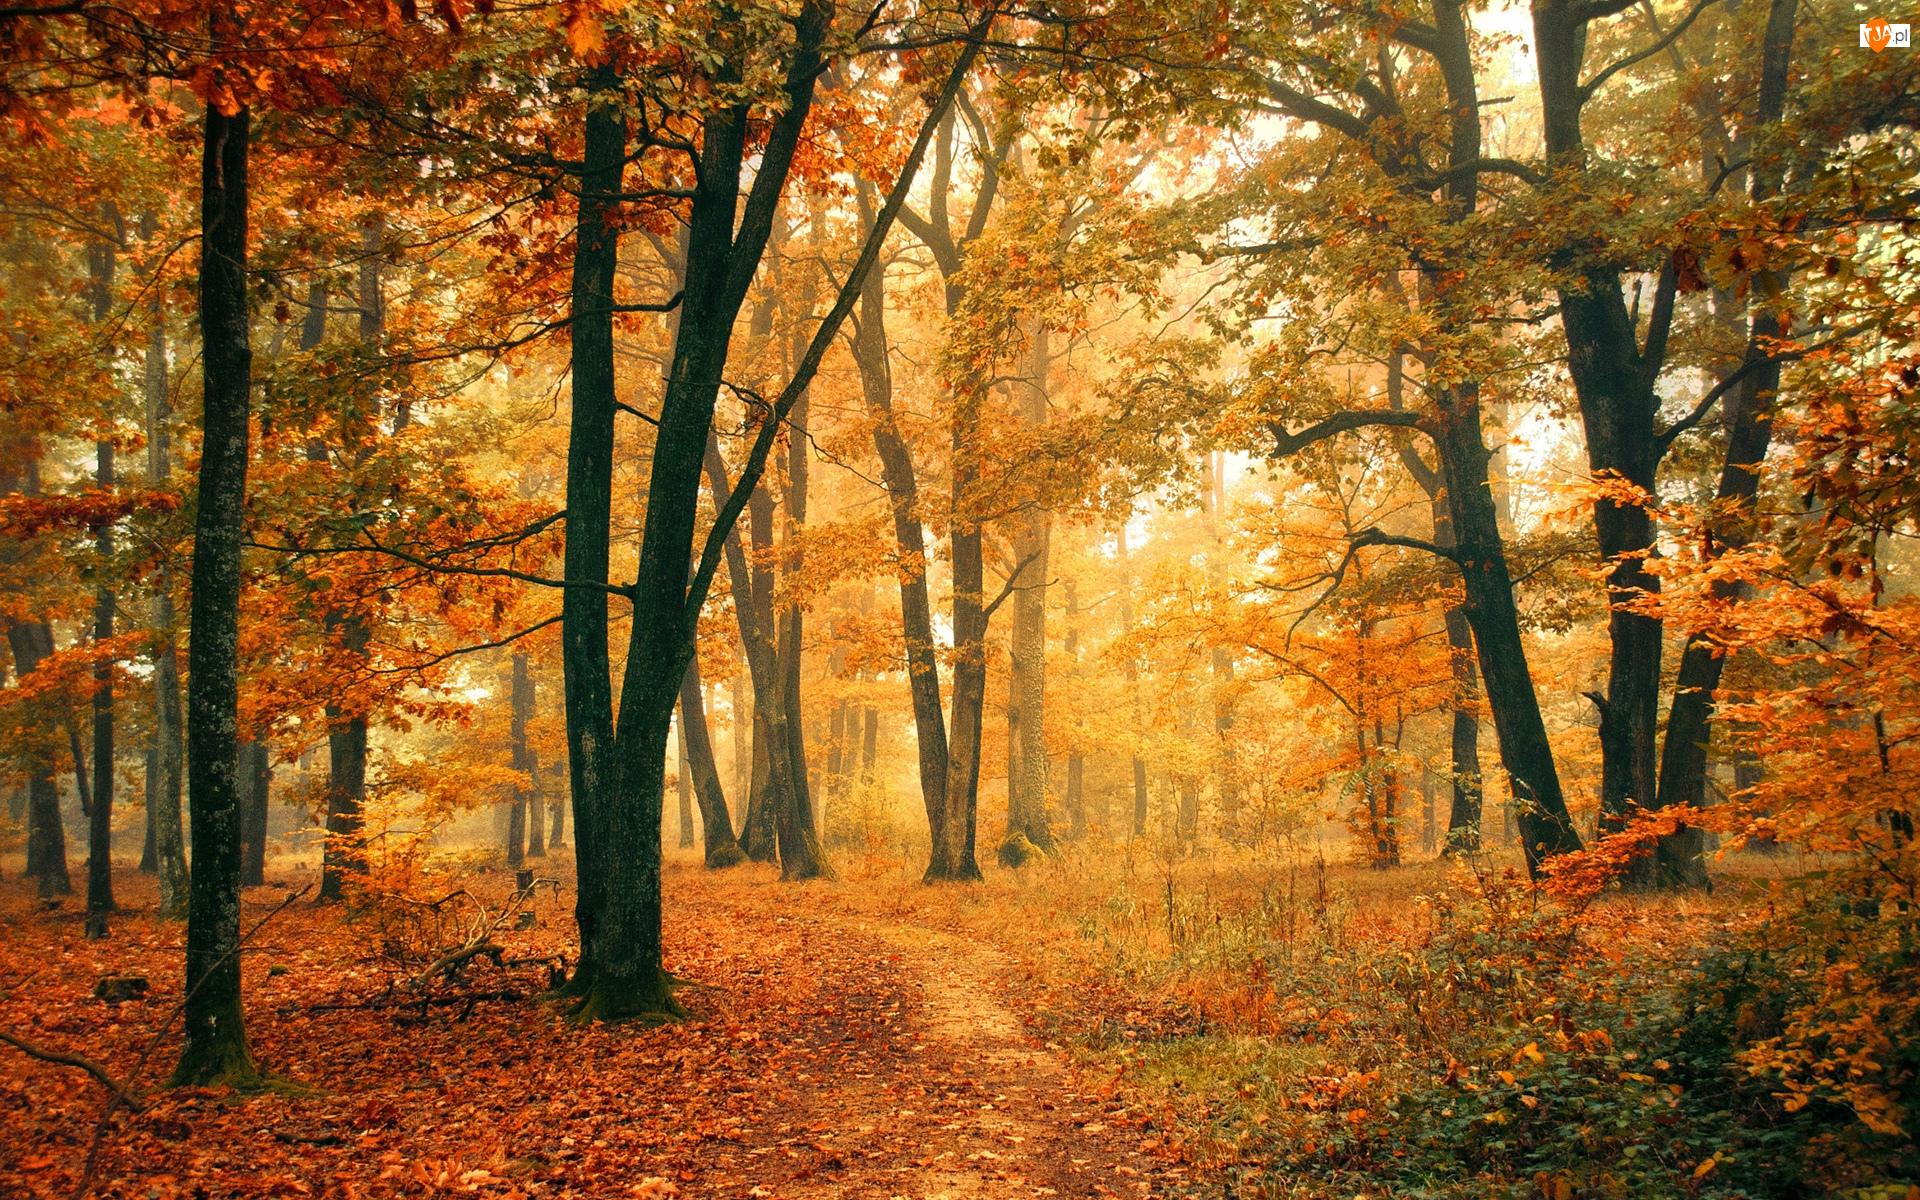 Jesień, Roślinność, Las, Drzewa